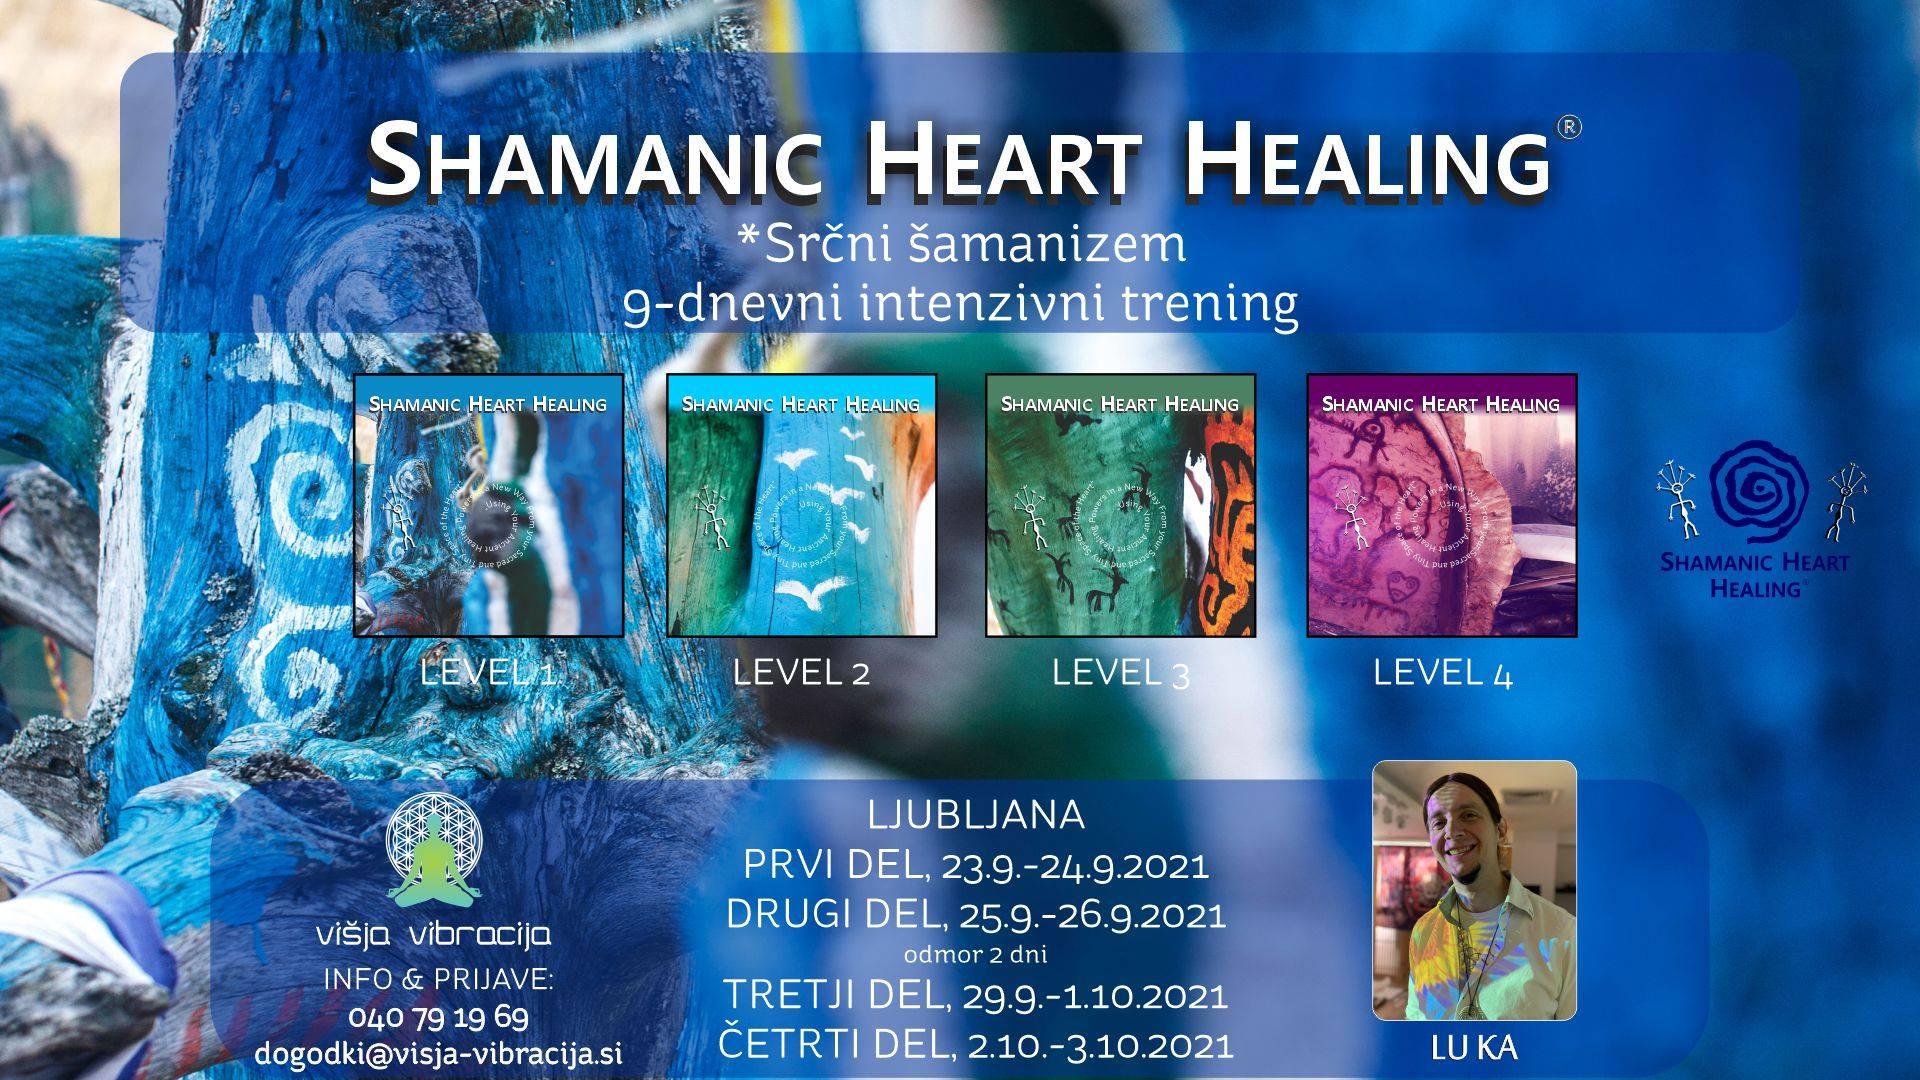 Srčni šamanizem - Shamanic Heart Healing (Ljubljana) - LU KA 8